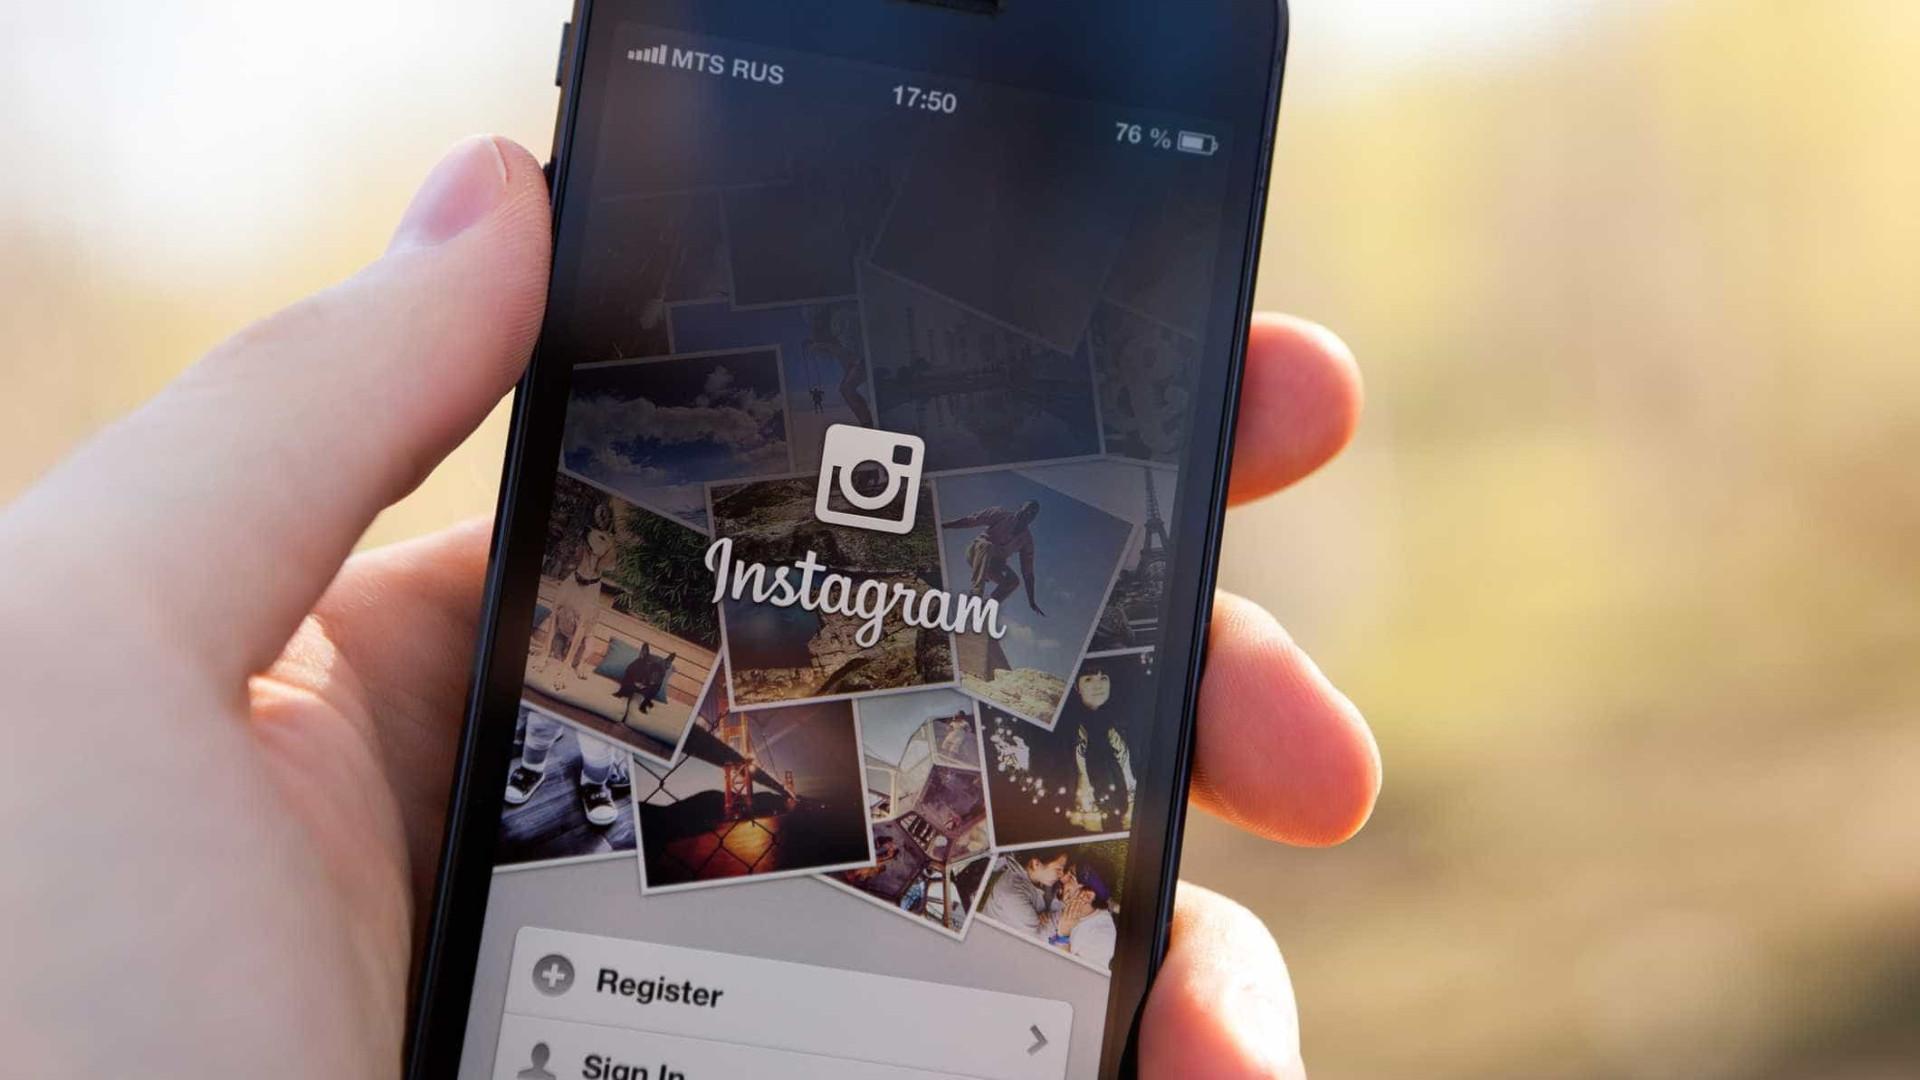 Será mais fácil (e rápido) usar emojis no Instagram